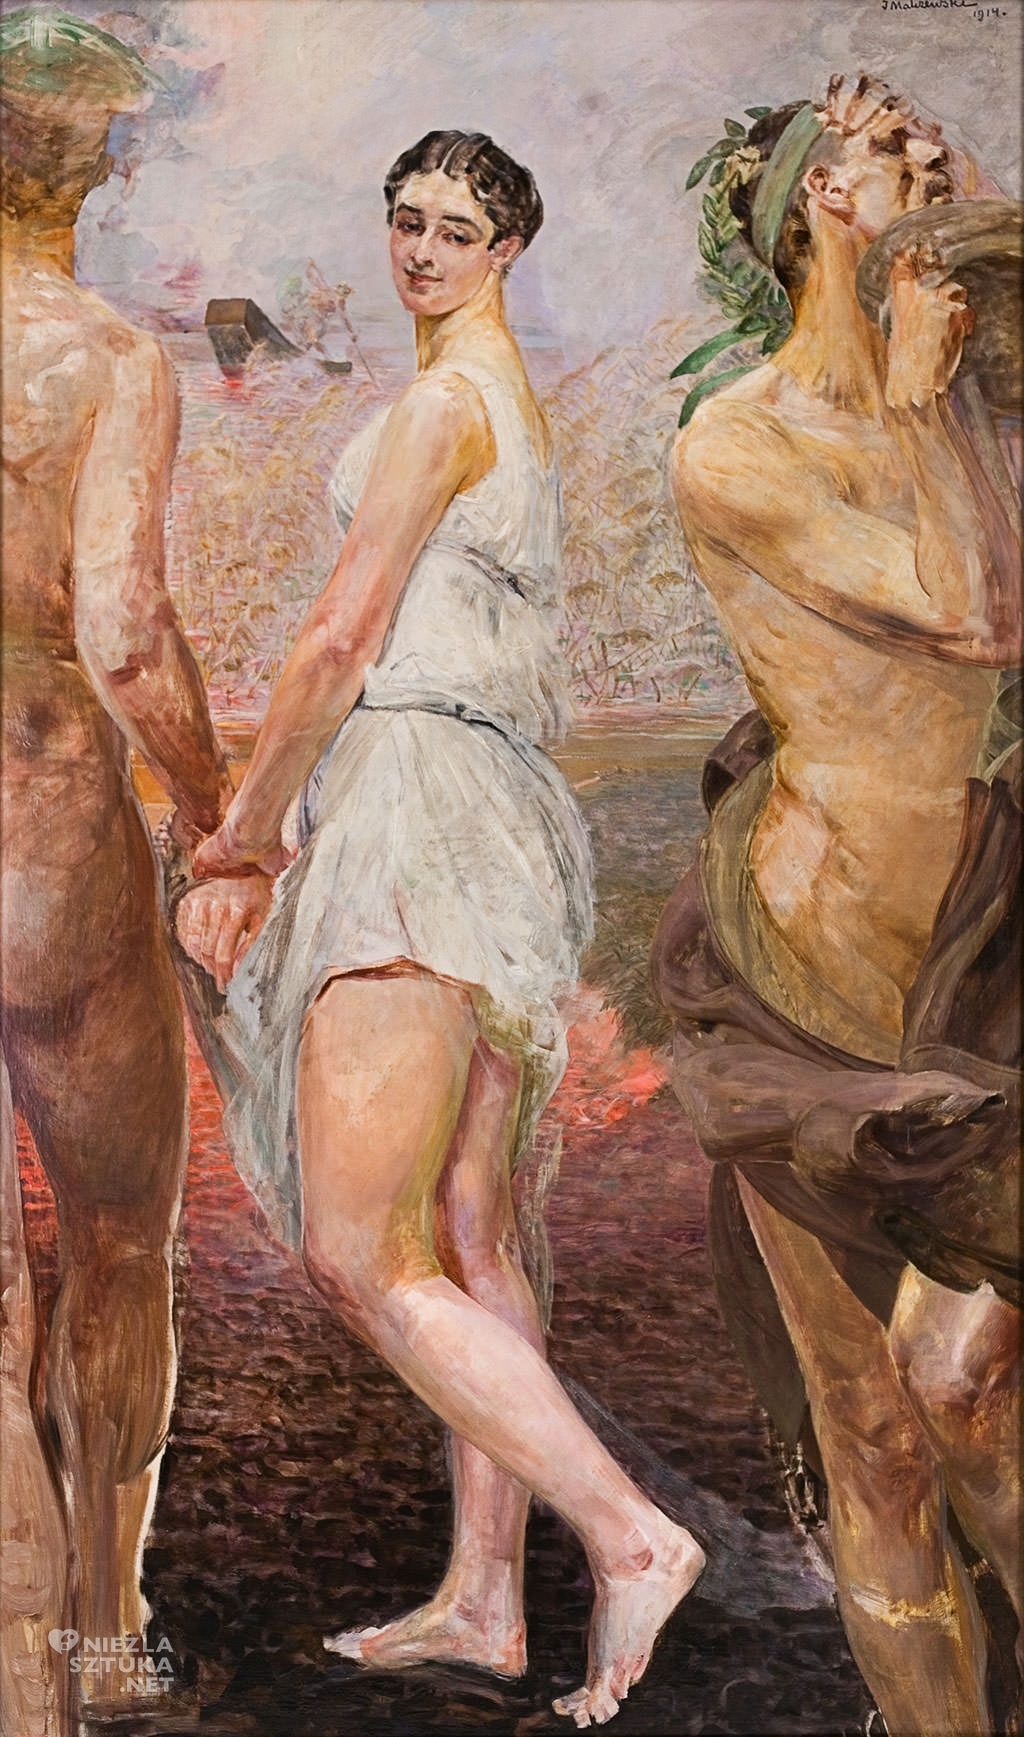 Jacek Malczewski, Orfeusz i Eurydyka | 1914, 197 × 120 cm, olej, płótno, kolekcja prywatna, Niezła sztuka